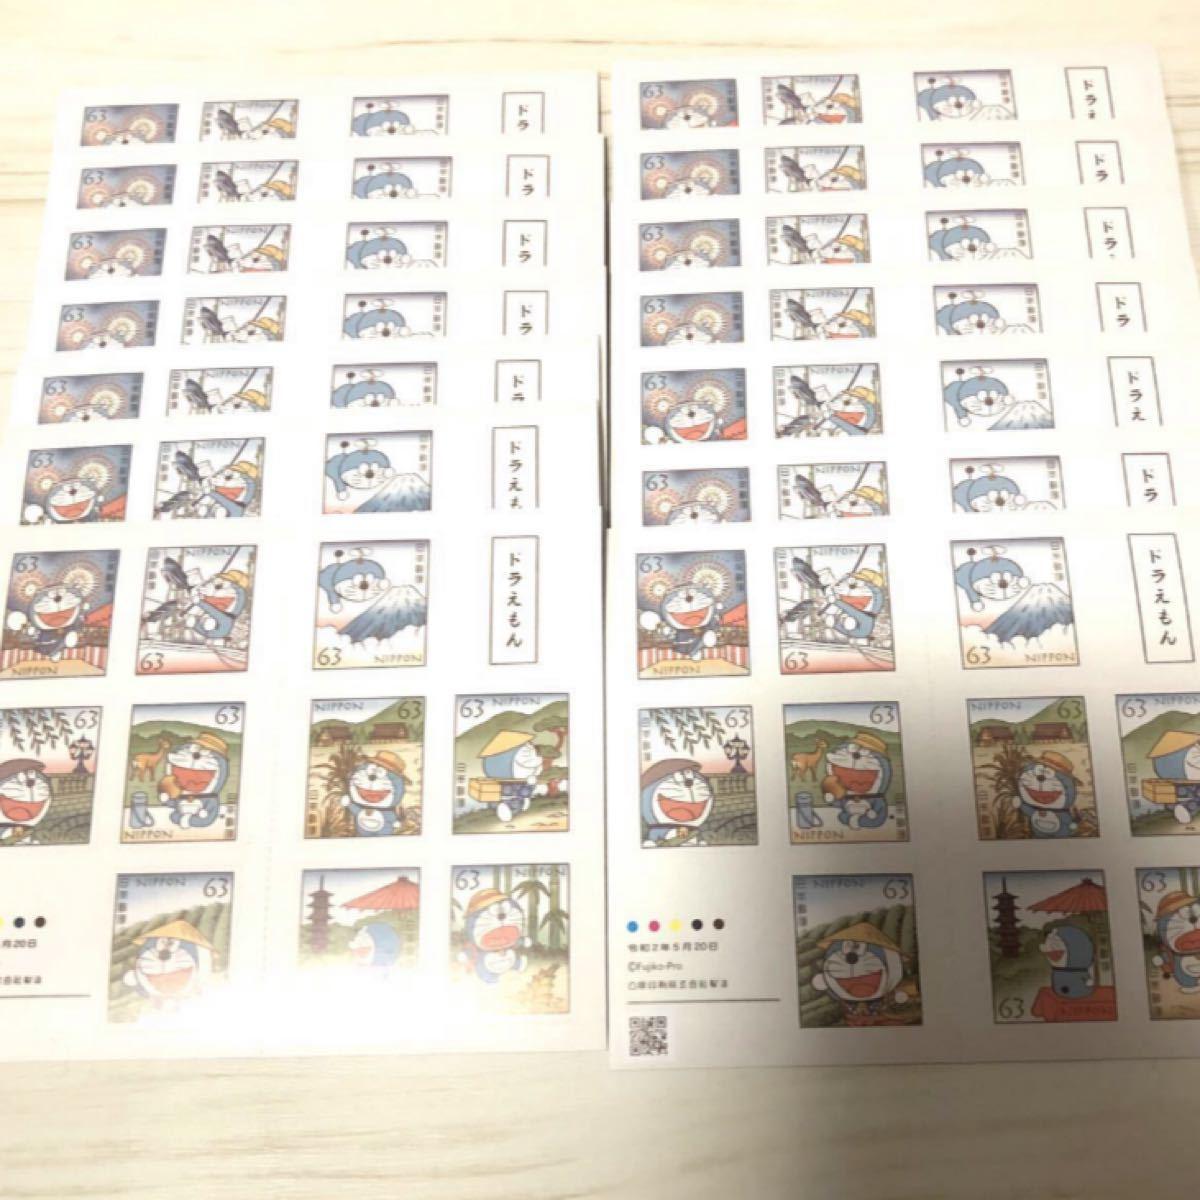 切手 63円 ドラえもん シール切手